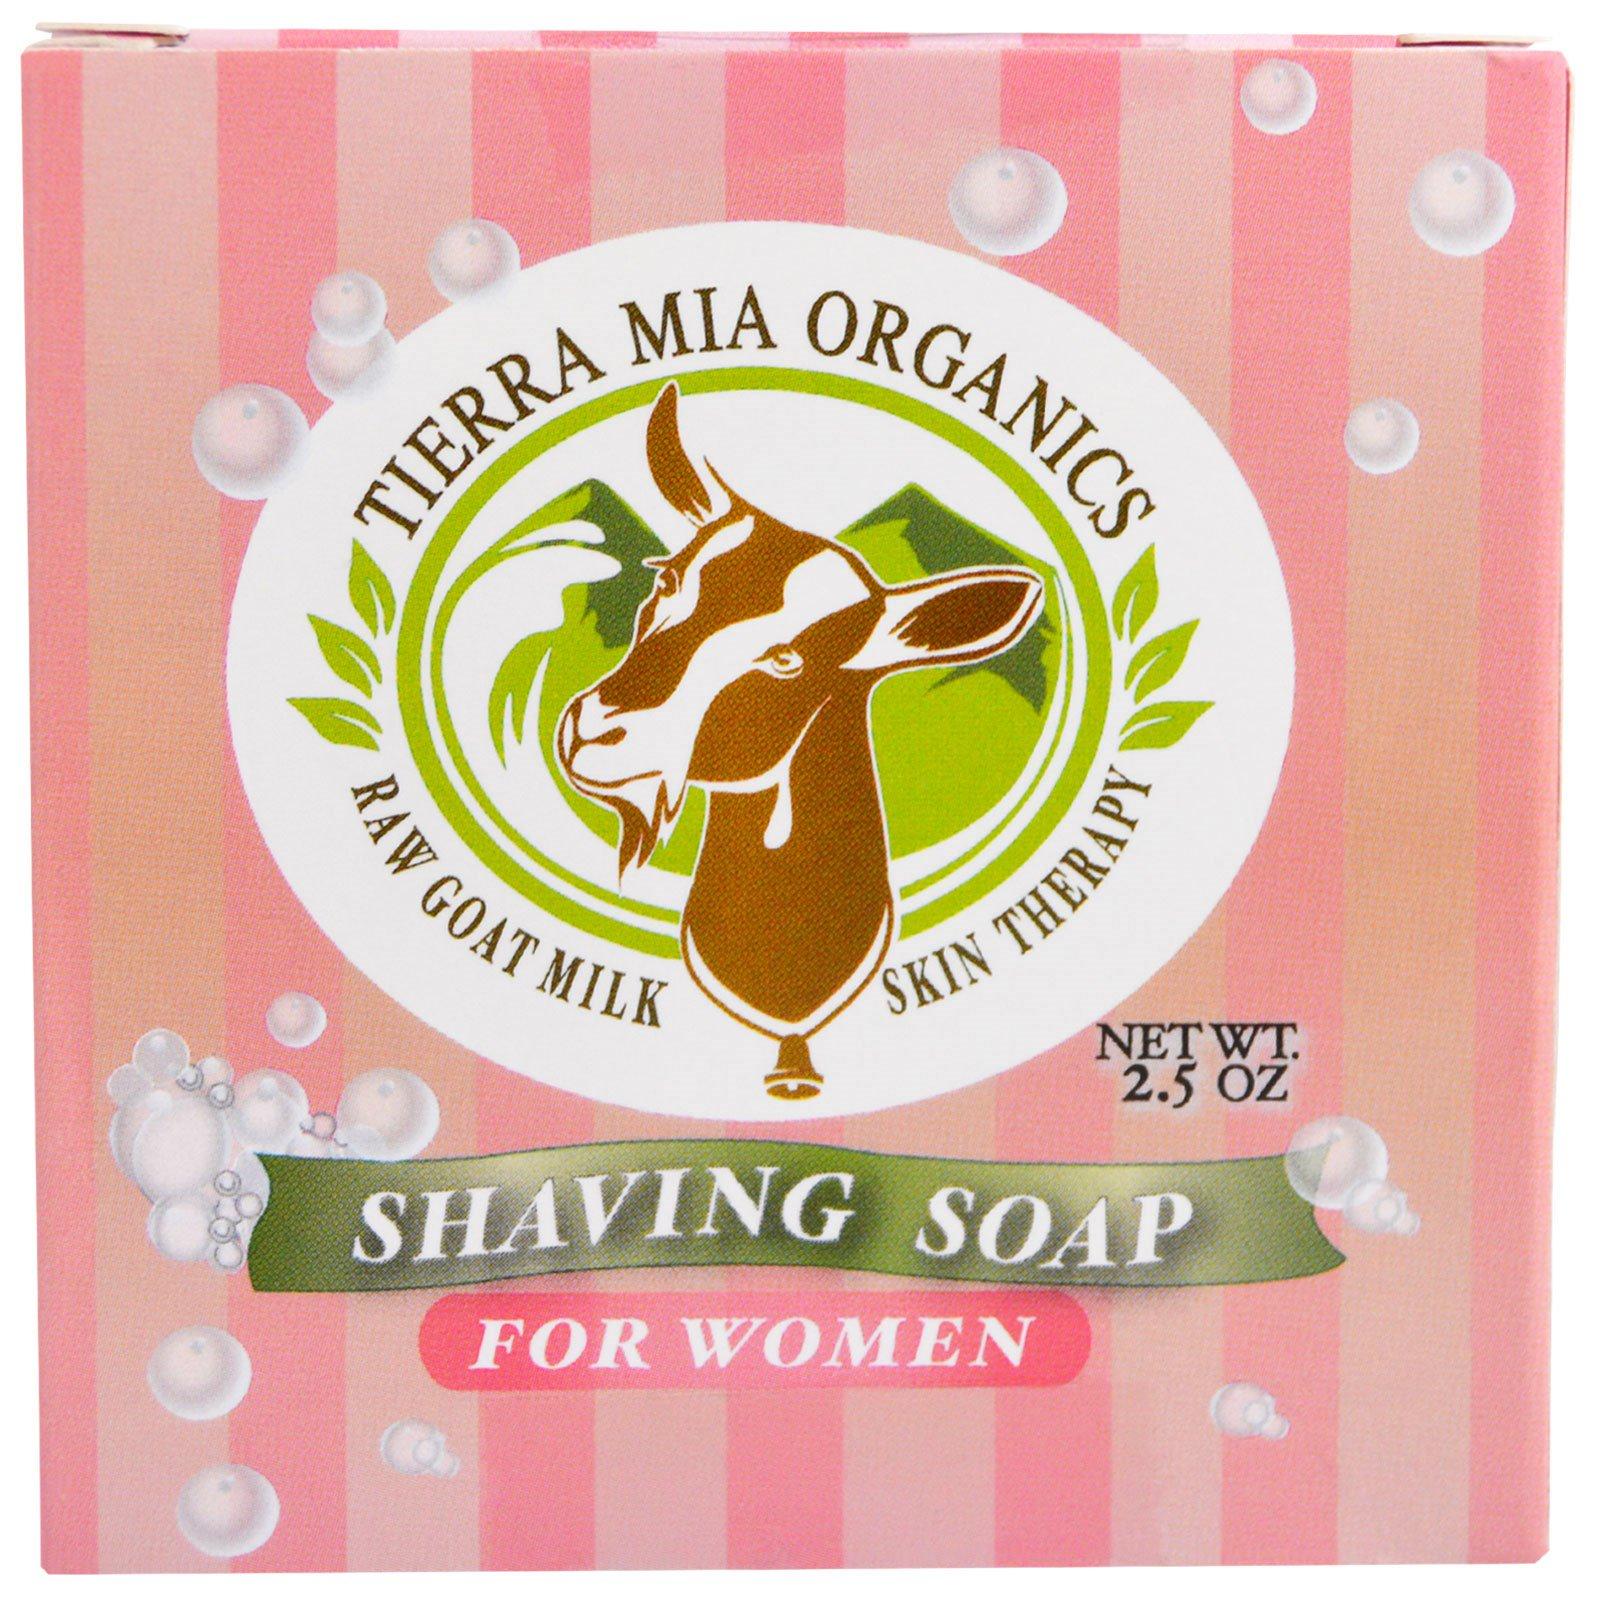 Tierra Mia Organics, Средства для ухода за кожей на основе сырого козьего молока, мыло для бритья для женщин, 2,5 унции